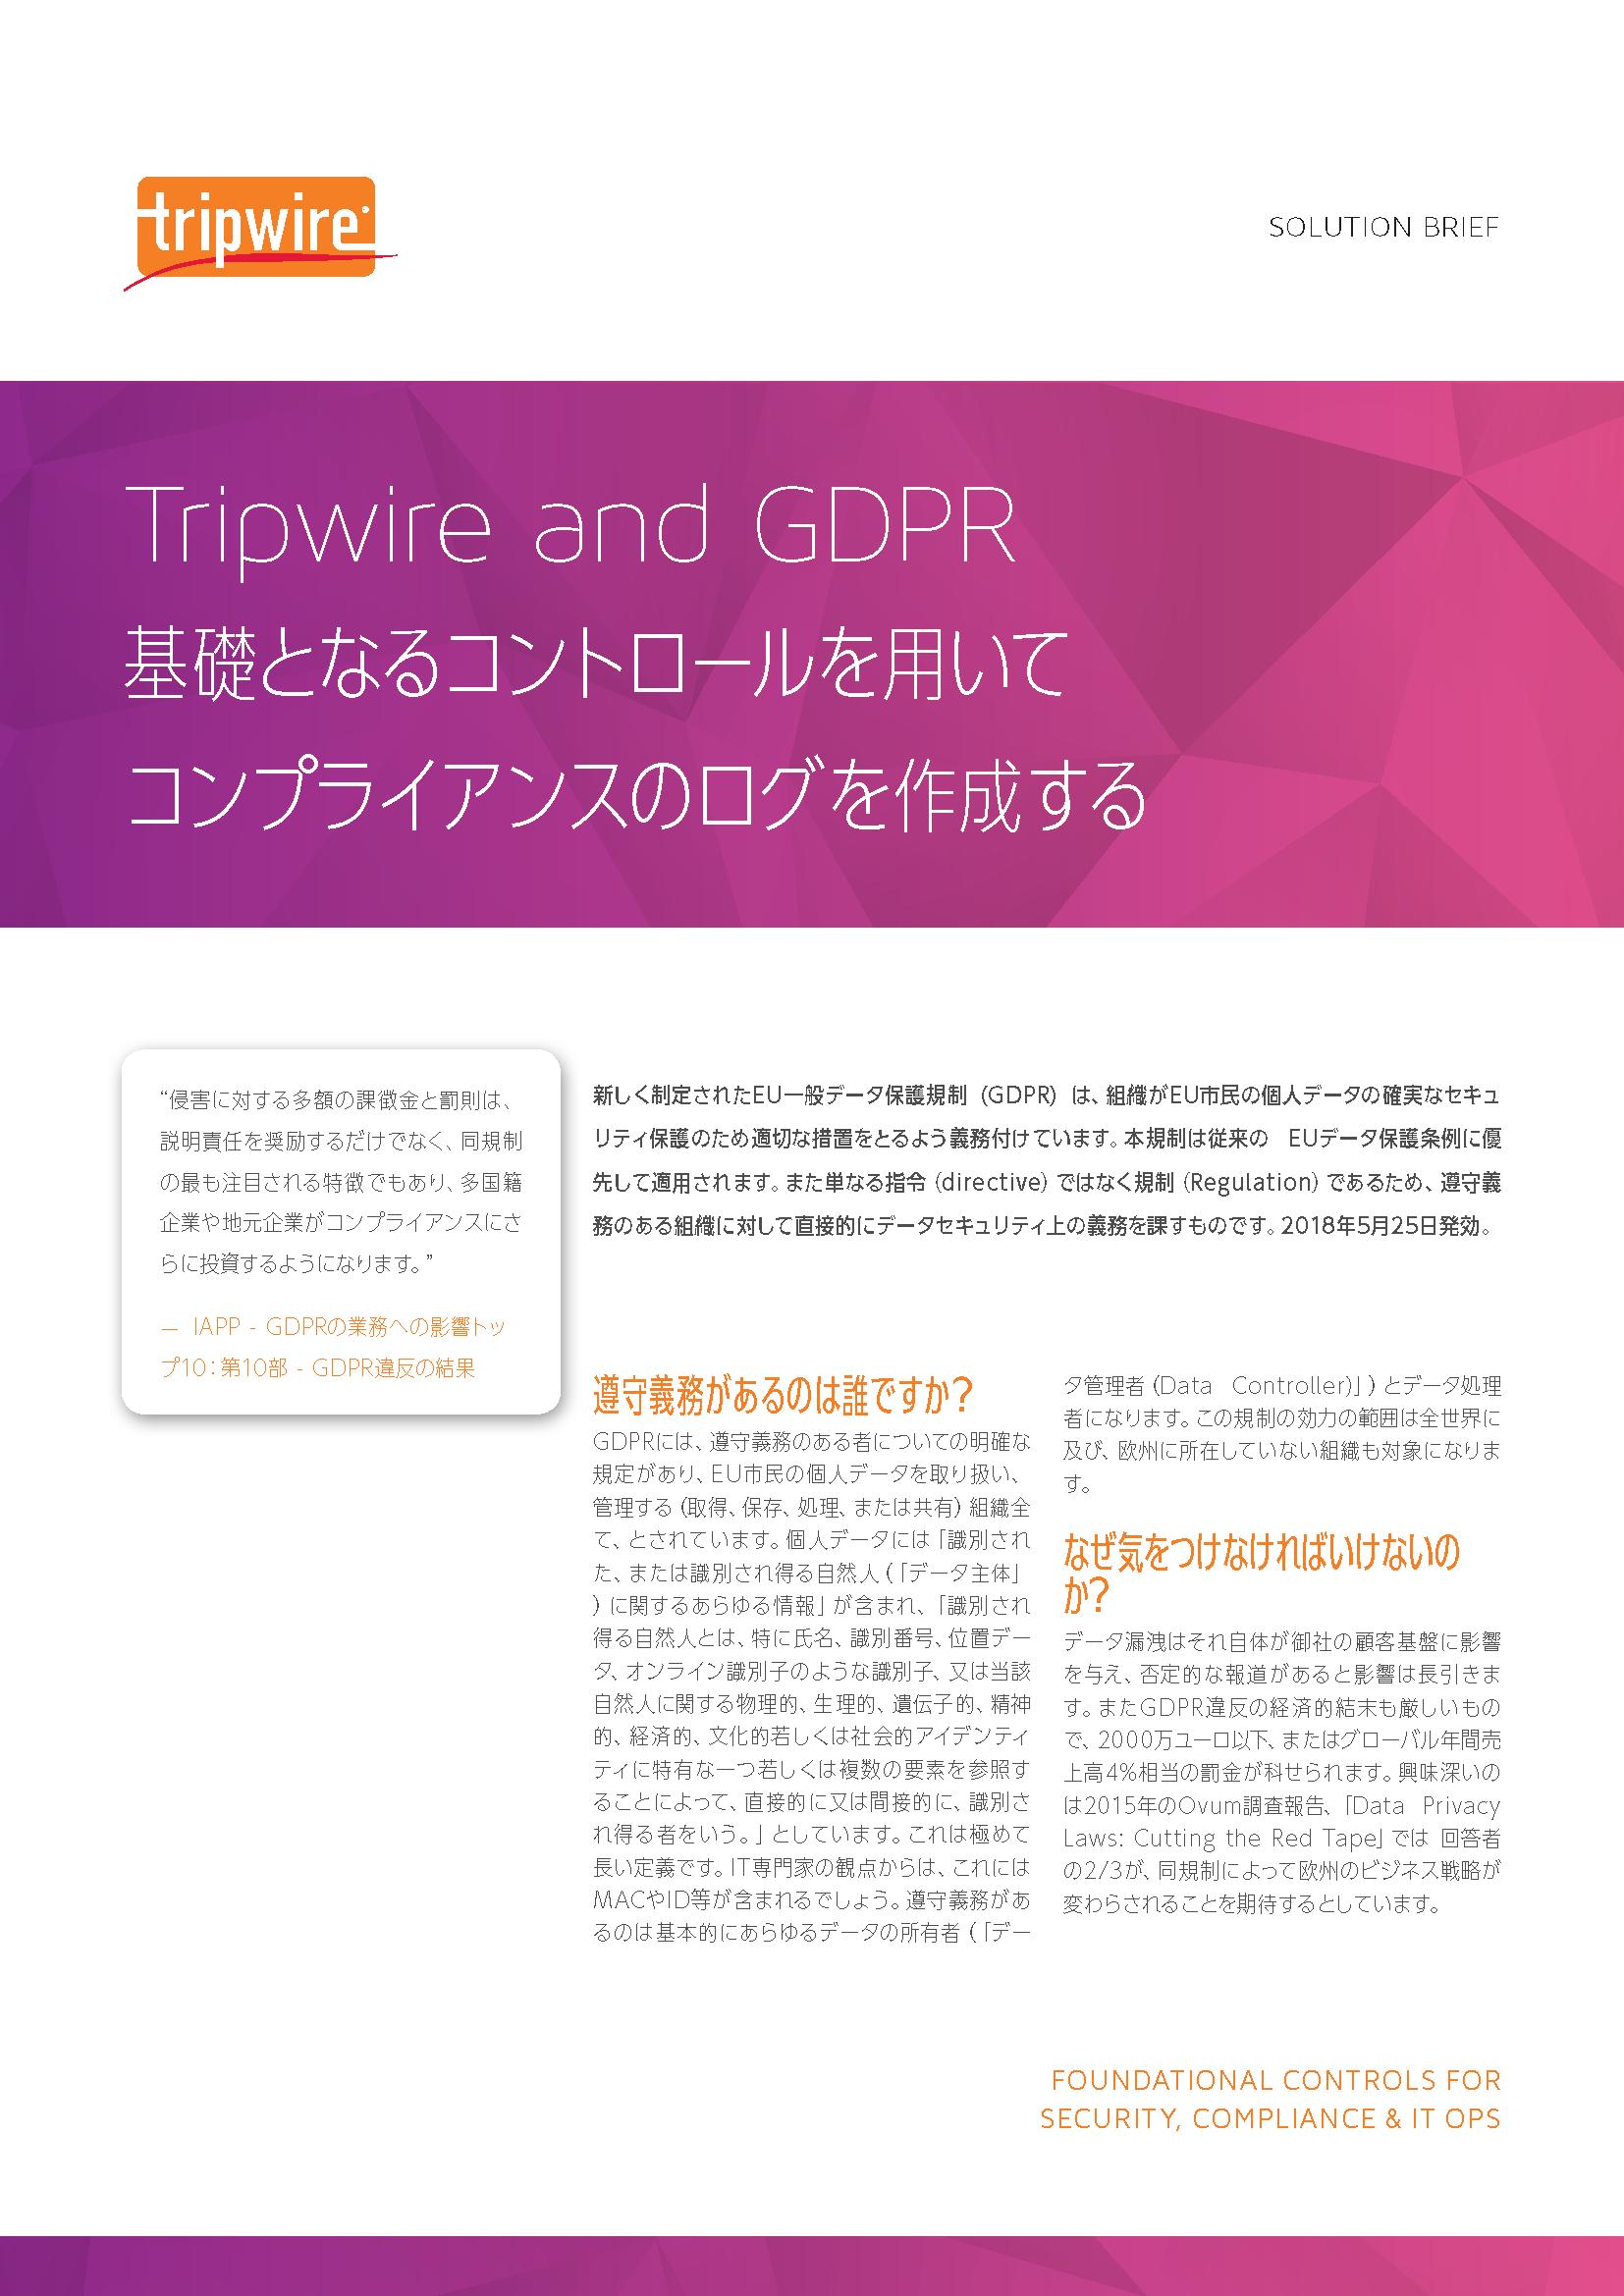 Tripwire and GDPR(EU一般データ保護規制)